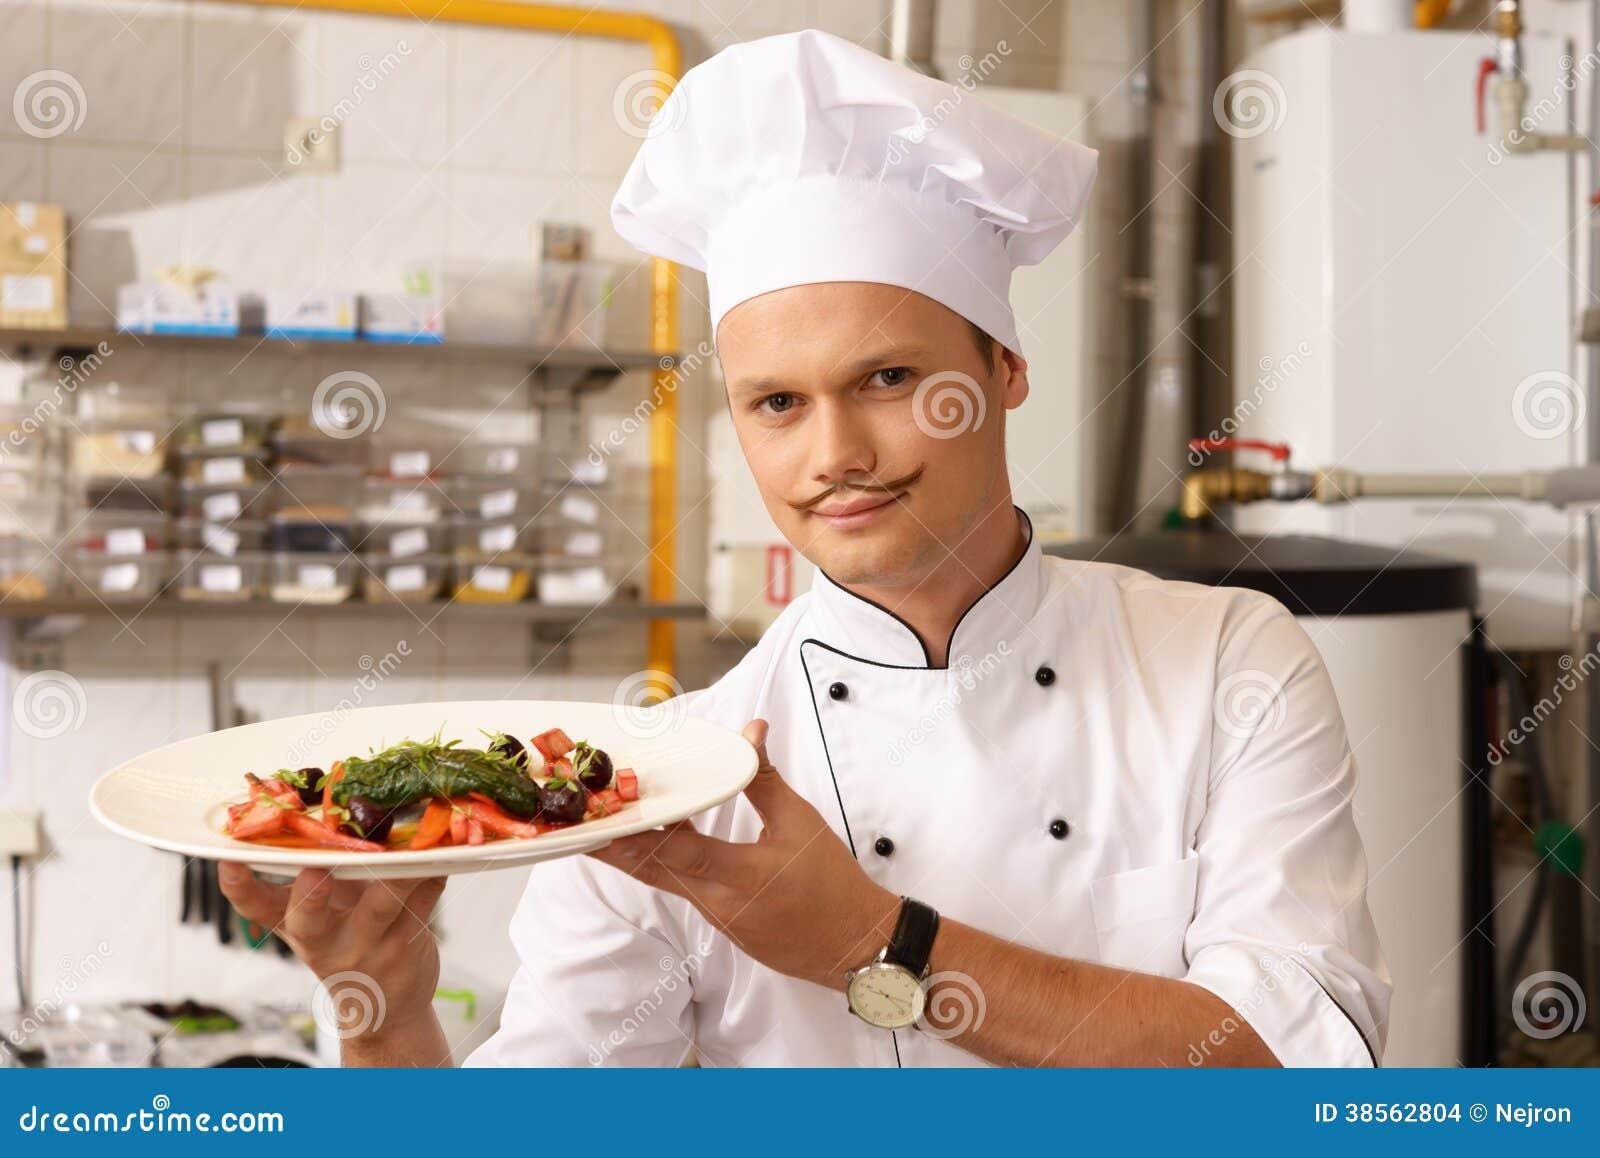 Jeune chef sur la cuisine dans le restaurant photo stock - Chef de cuisine luxembourg ...